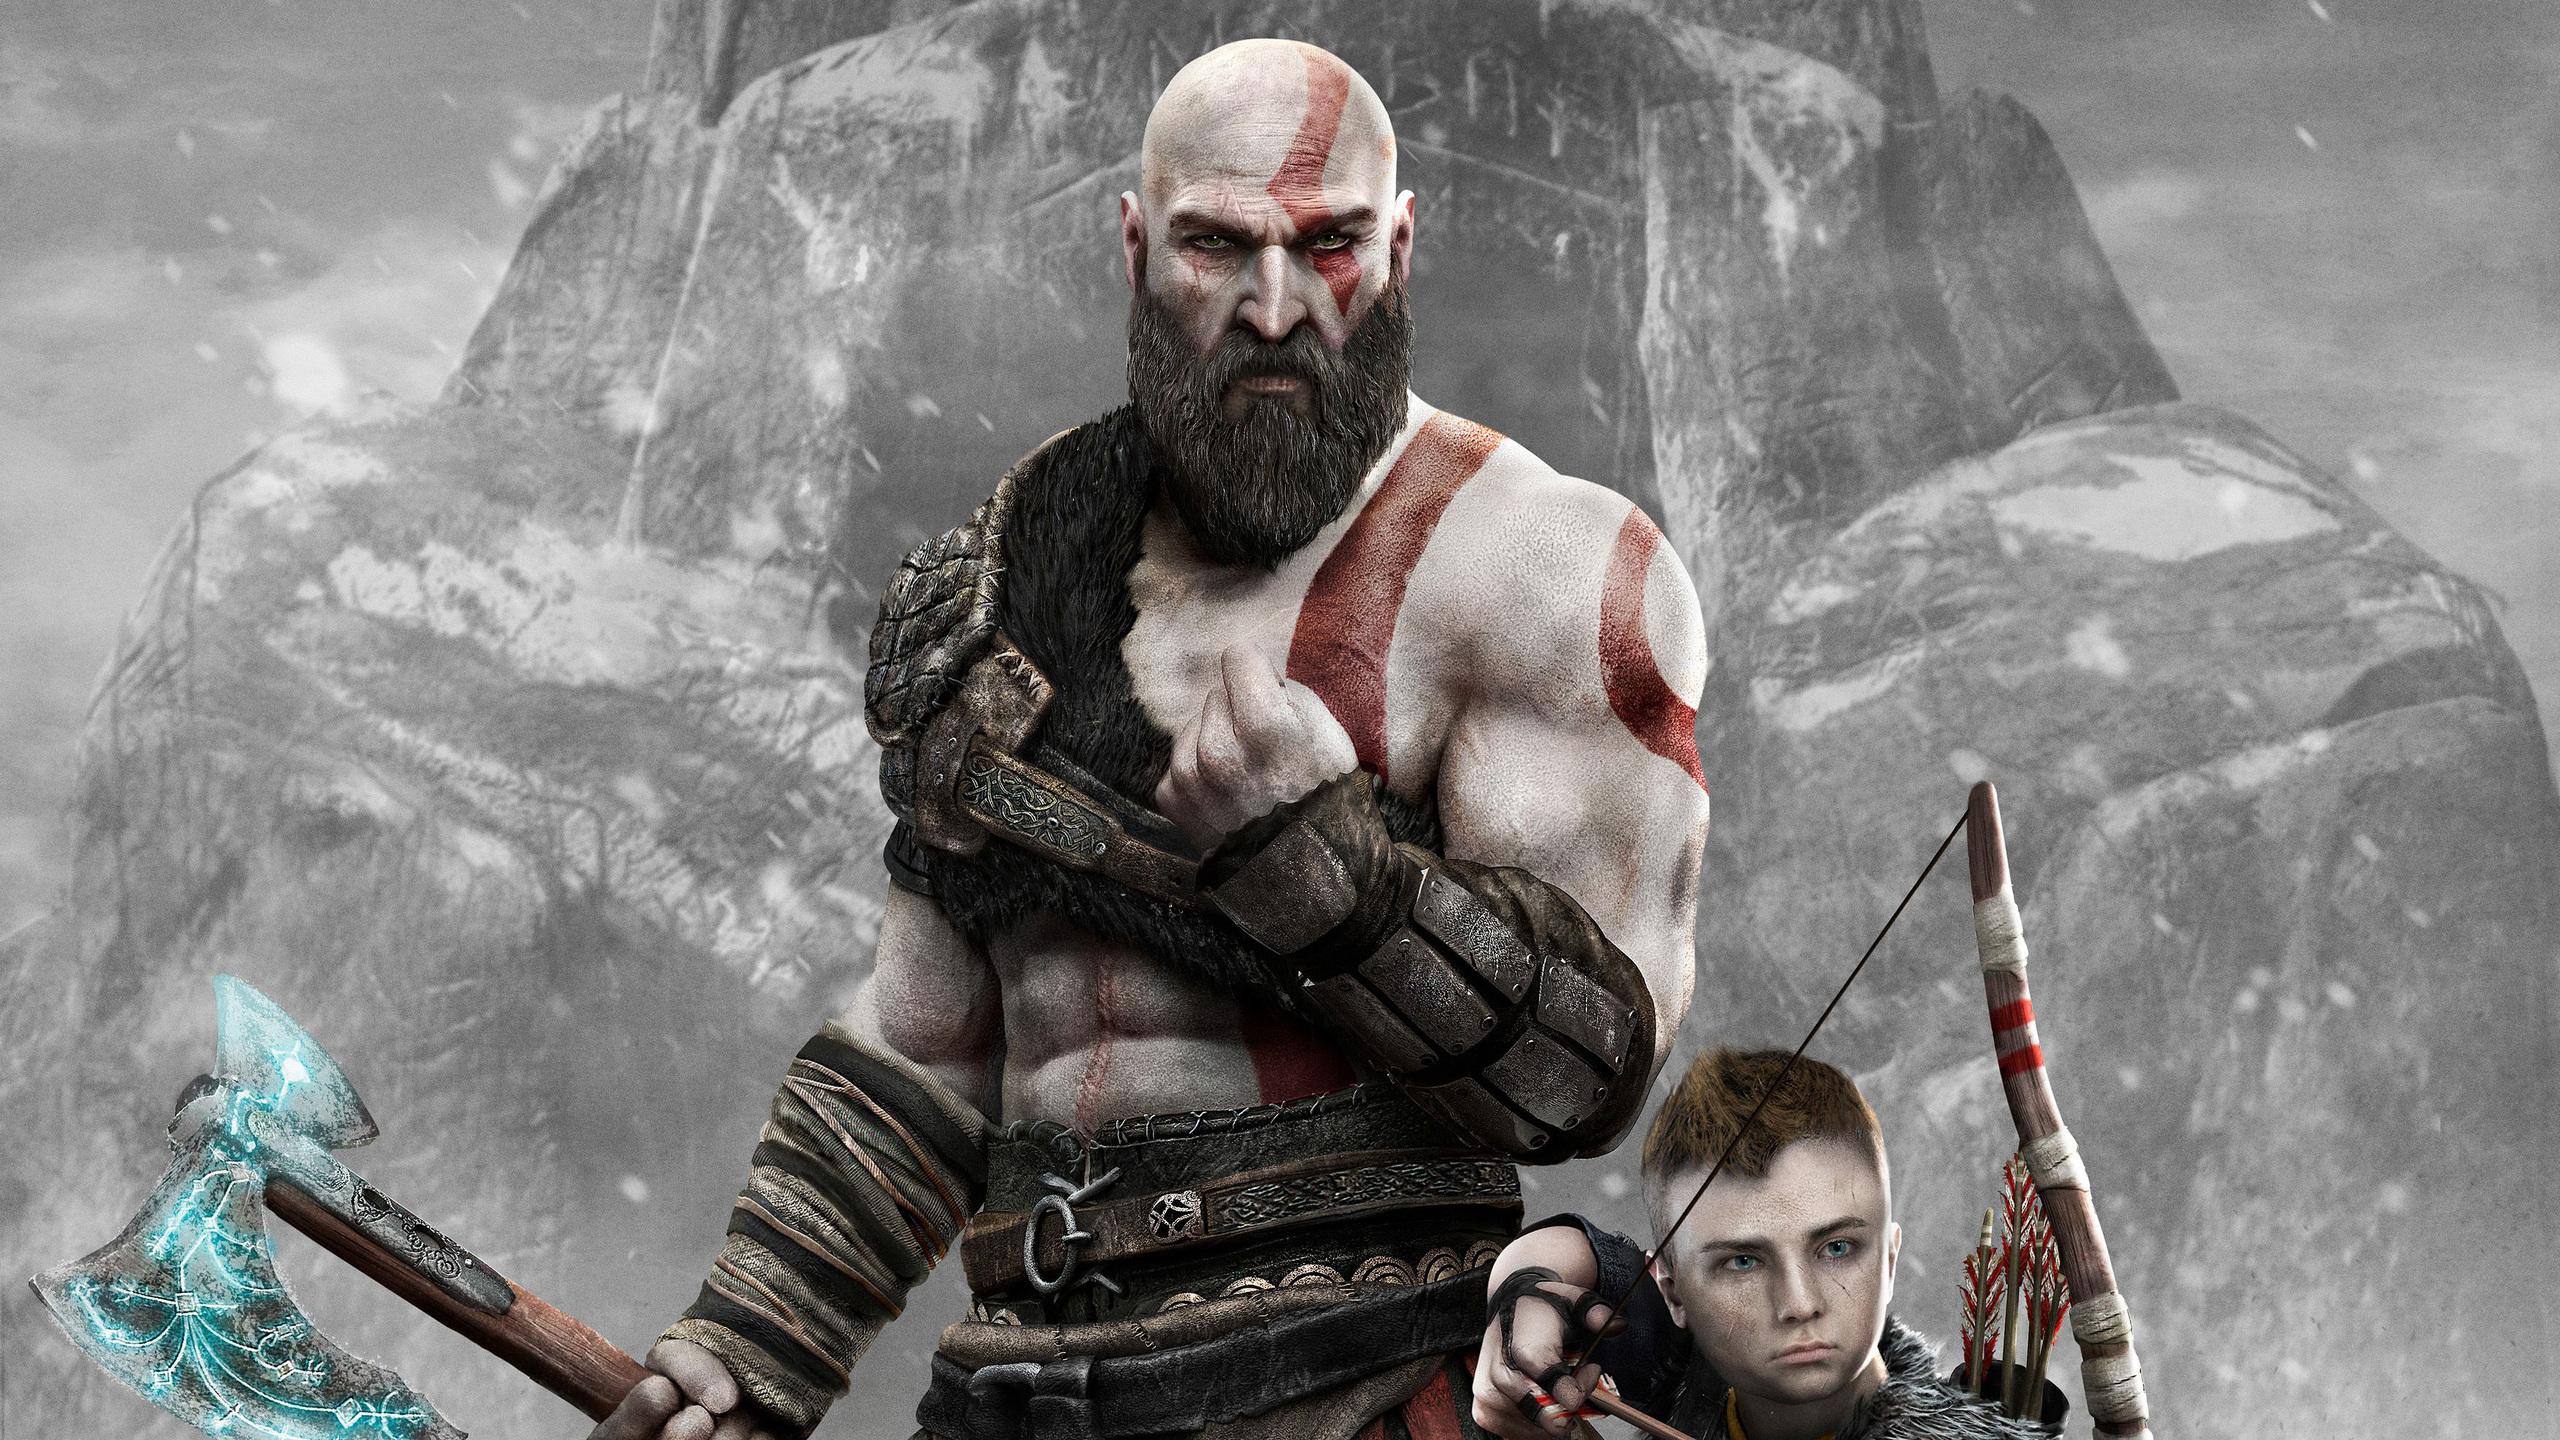 2560x1440 kratos and atreus god of war 4 4k 2018 1440p resolution hd 4k wallpapers images - Wallpaper kratos ...